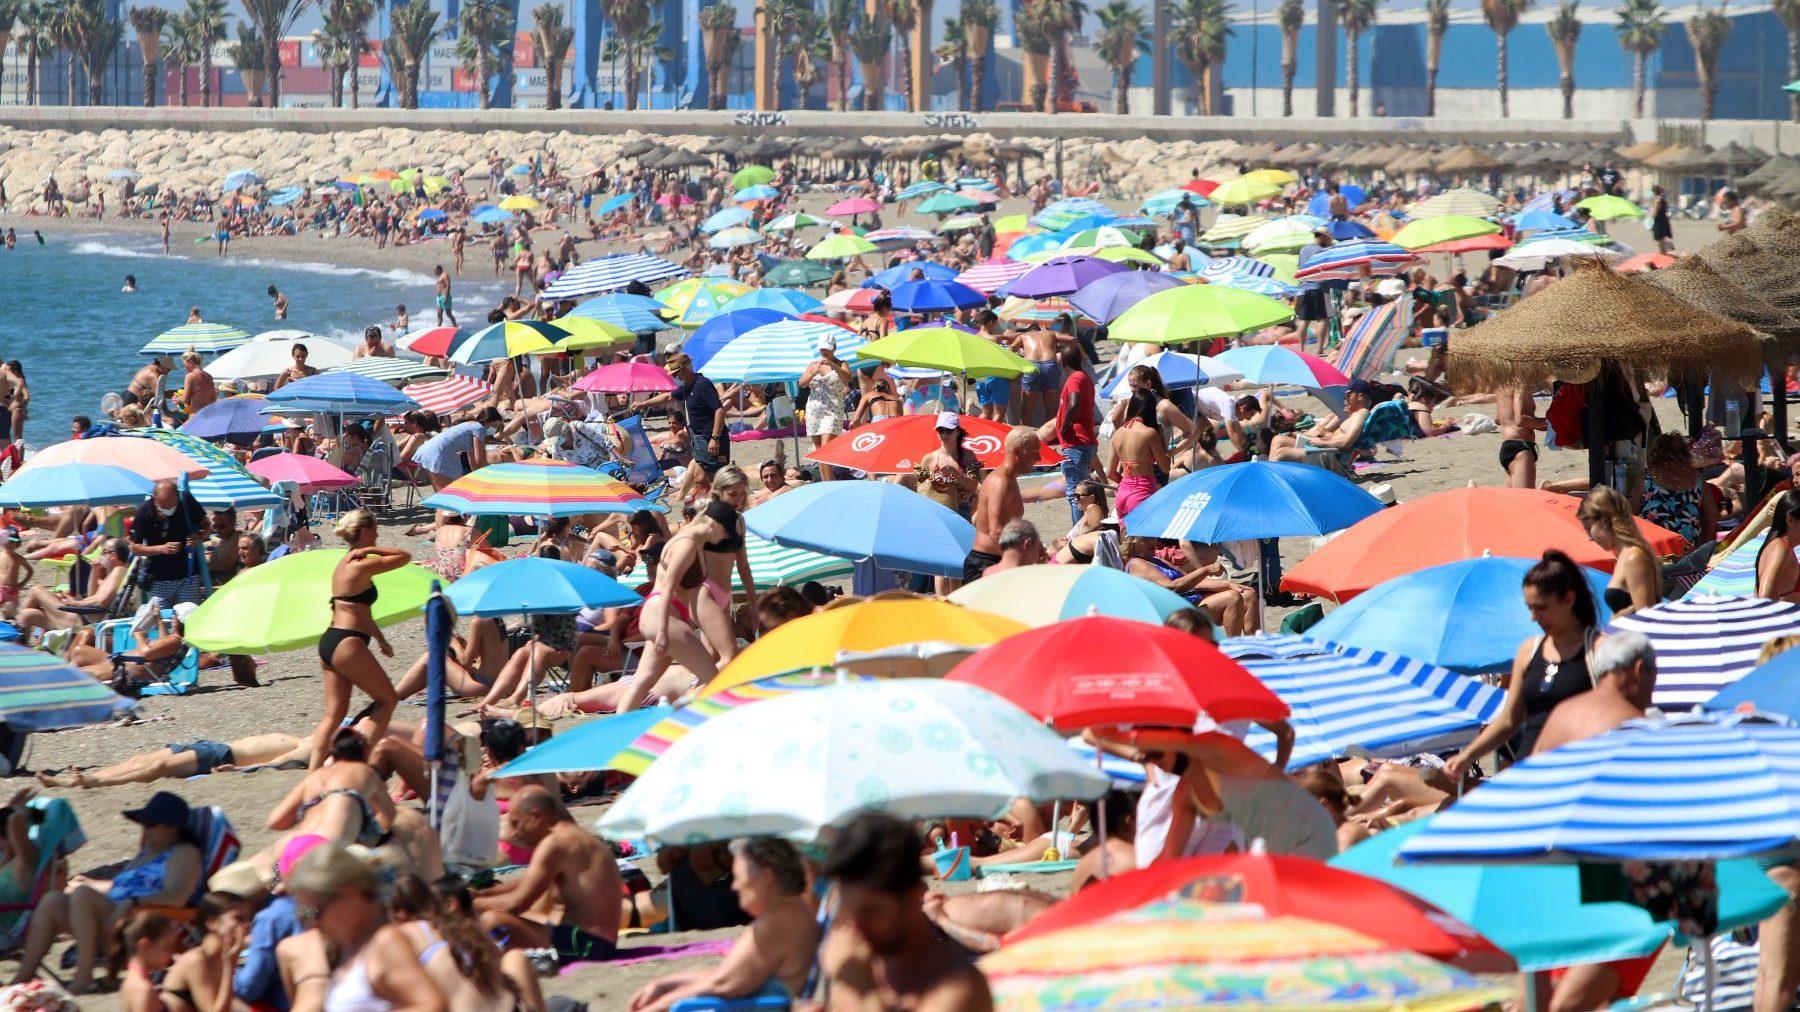 Bañistas y turistas disfrutan de un día de playa en La Malagueta, en Málaga (ÁLEZ ZEA / EUROPA PRESS). (1)